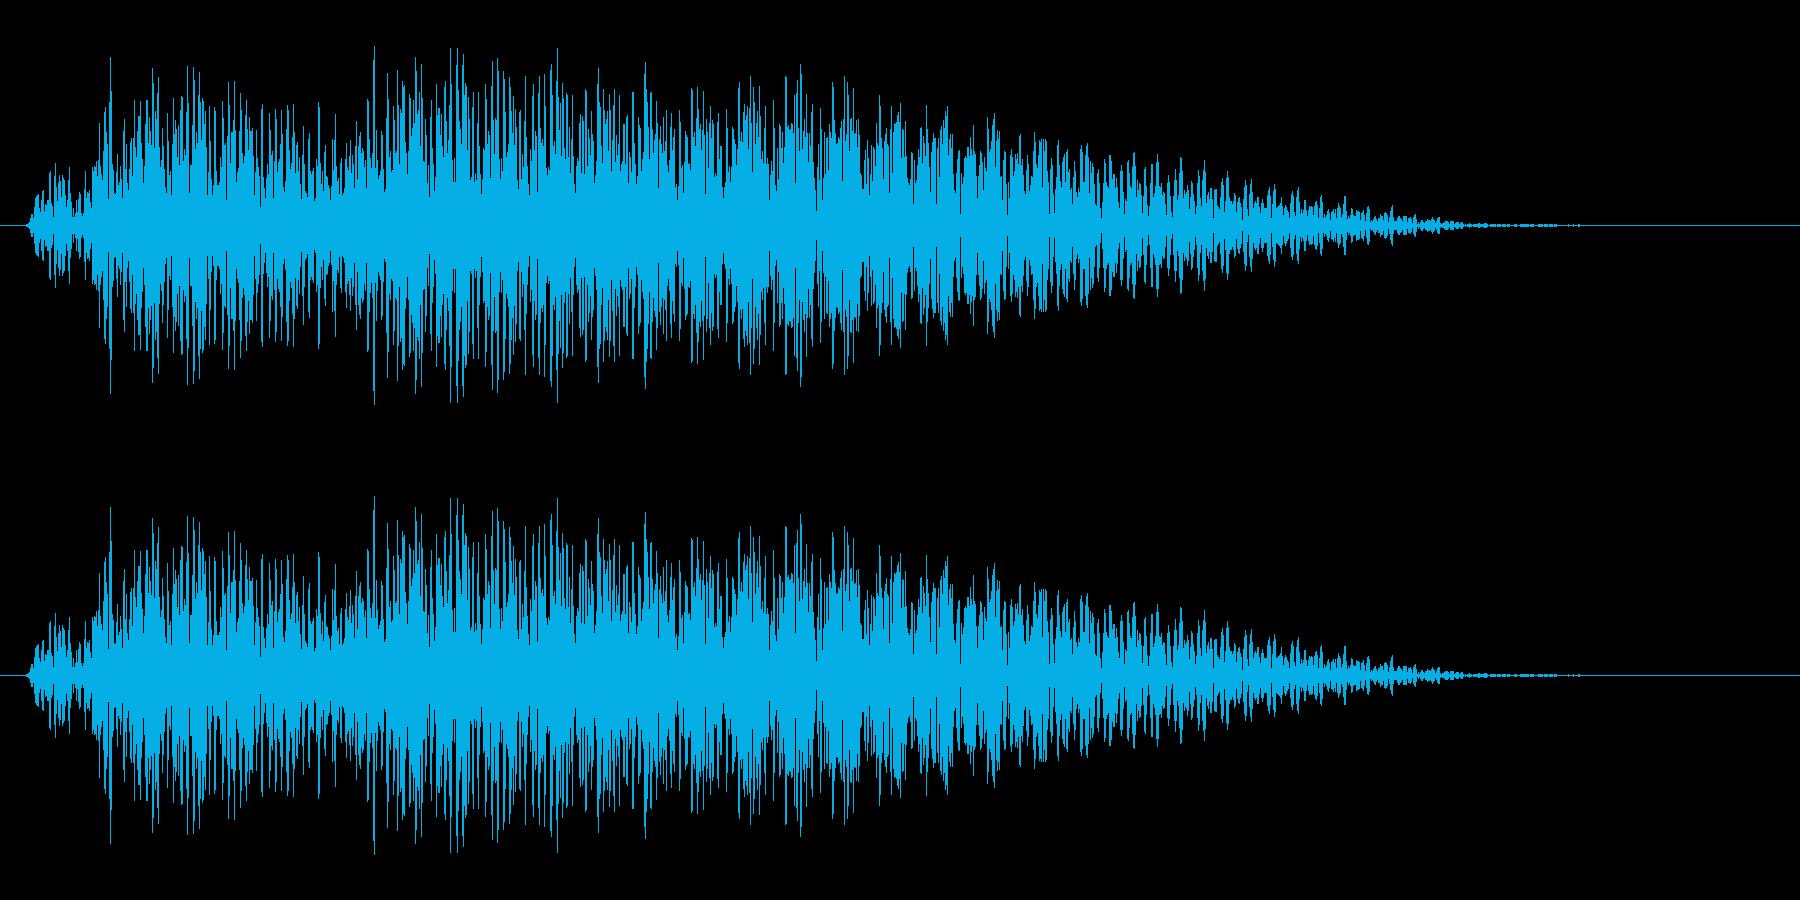 ジャジャン(注目を集めるようなギター)の再生済みの波形